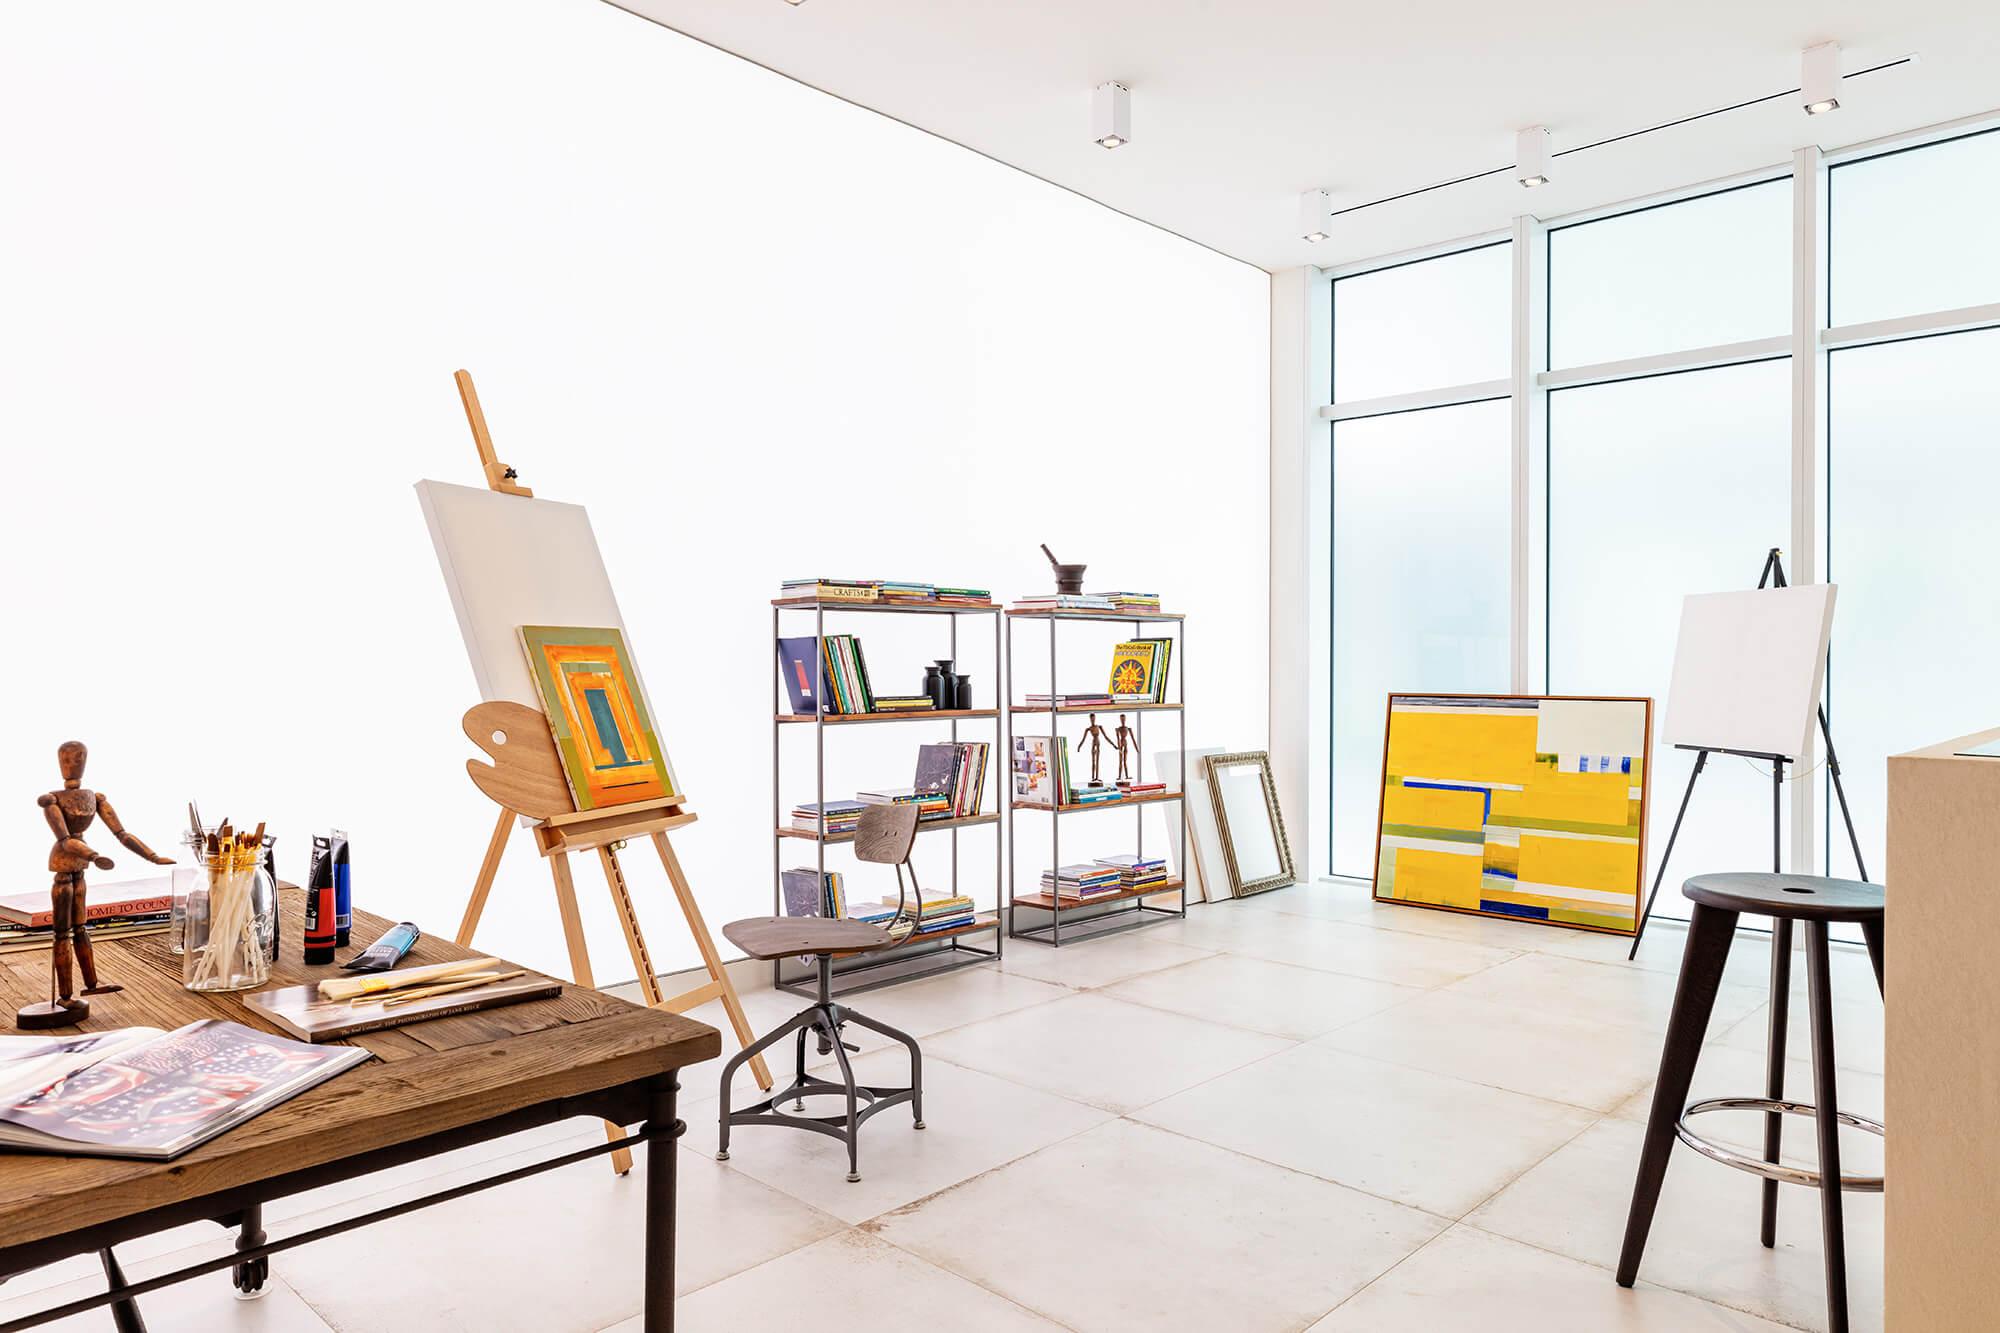 căn hộ hạng sang có phòng trưng bày nghệ thuật riêng